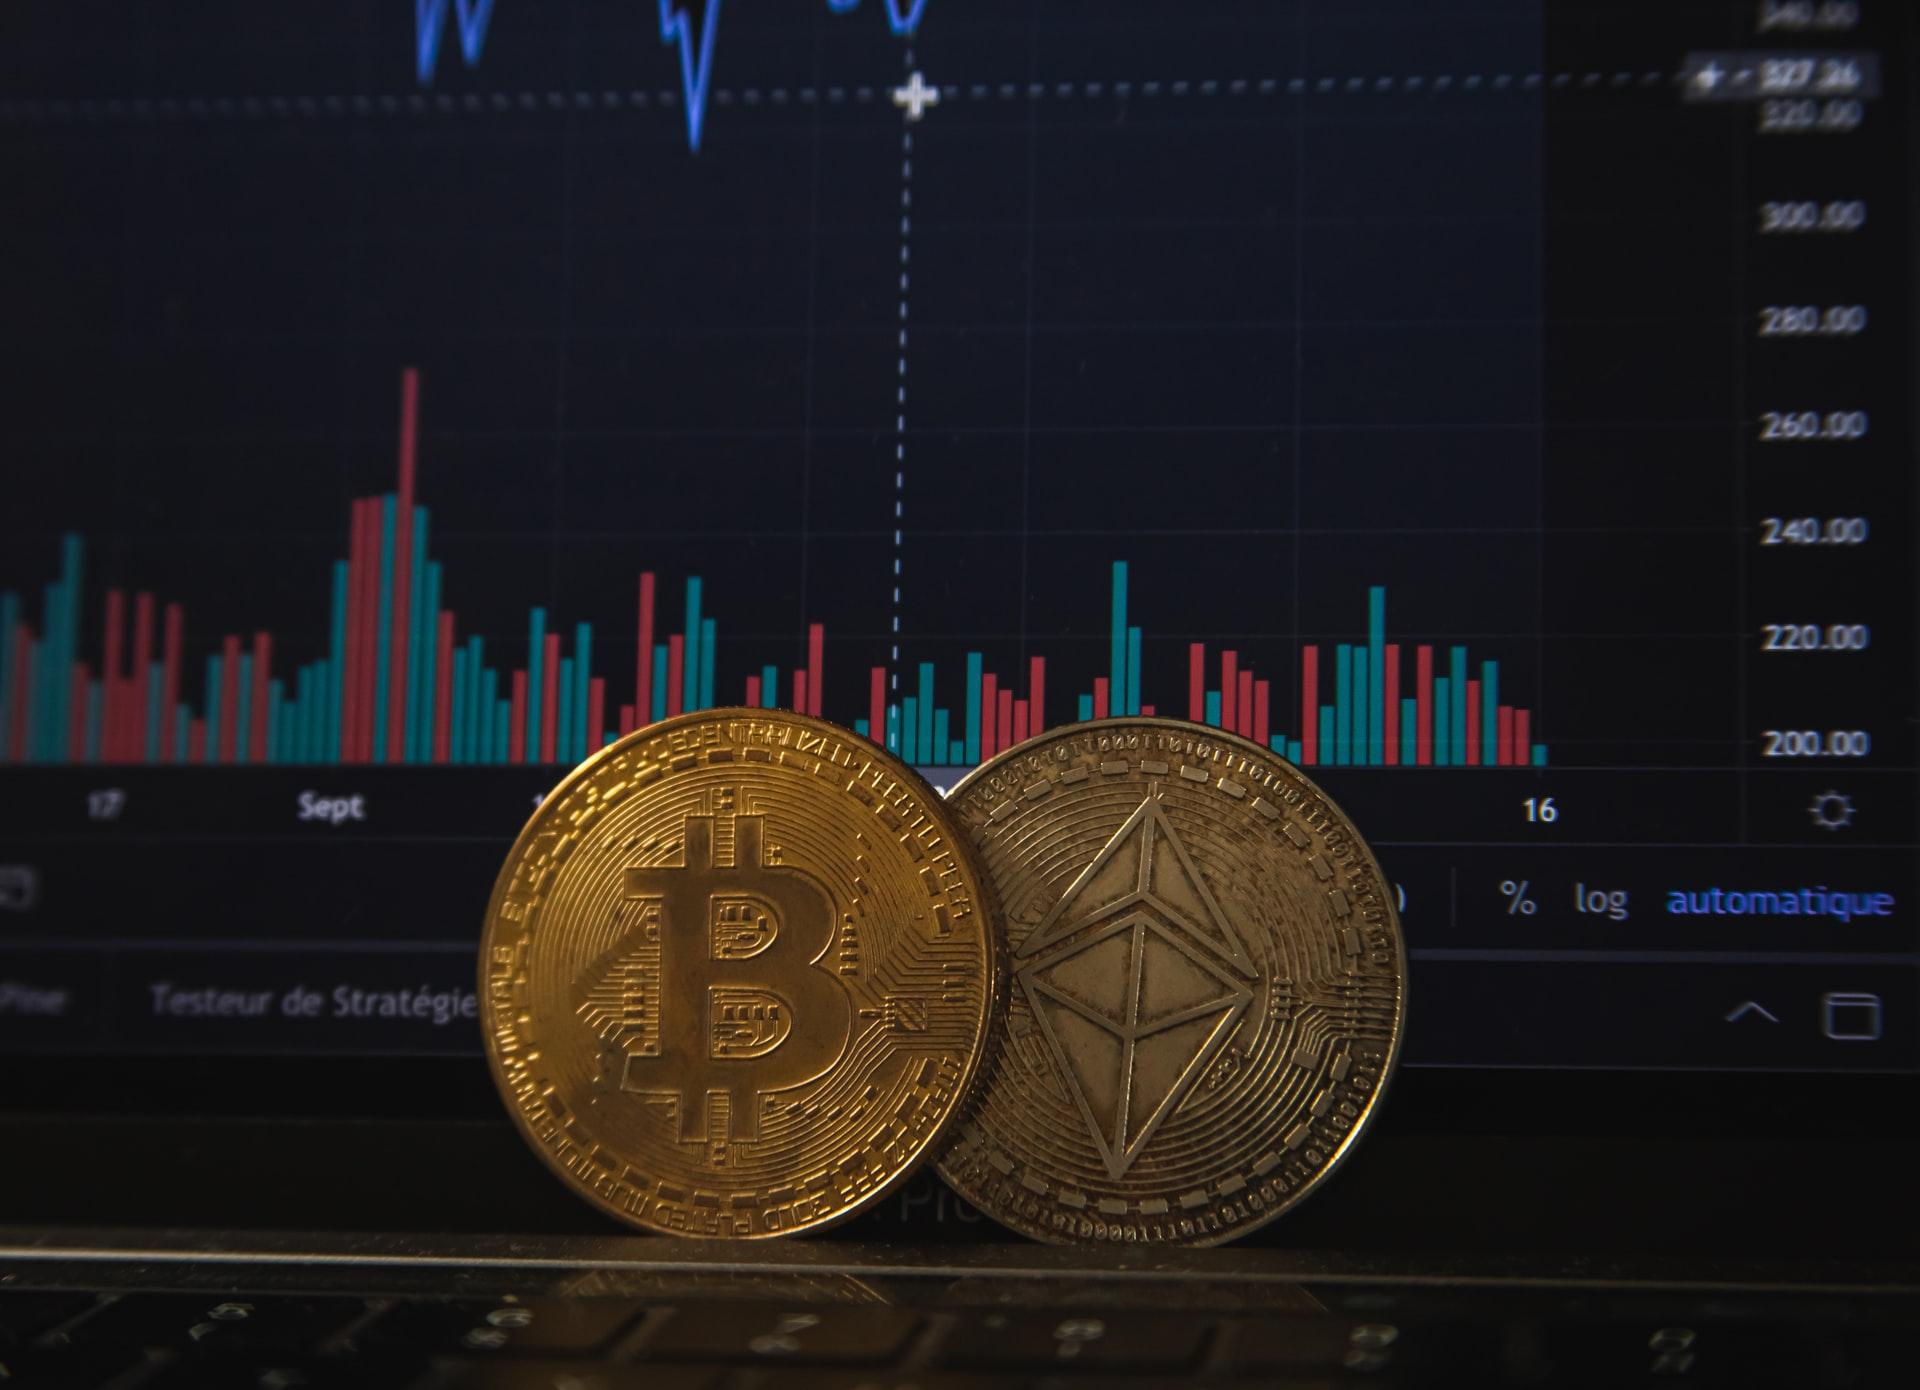 Logiciel de trading et cryptomonnaie